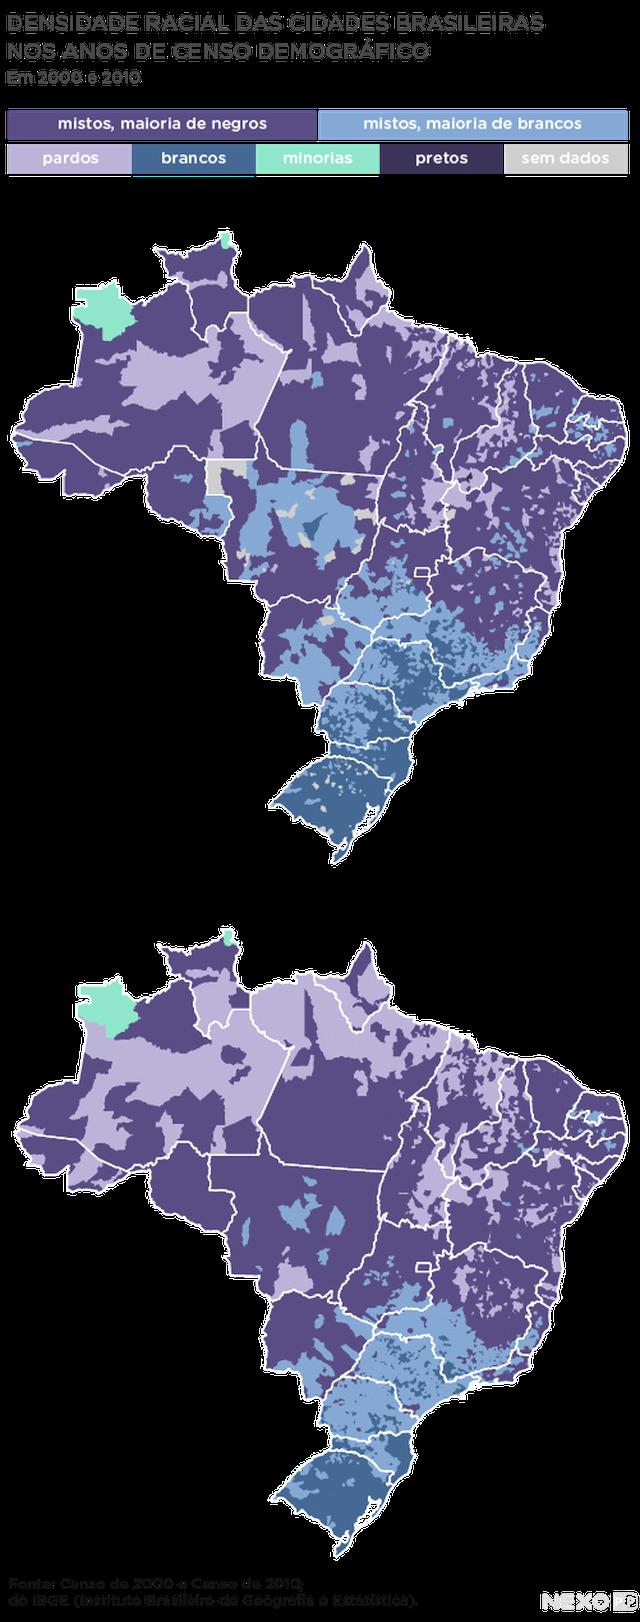 dois mapas do brasil (2000 e 2010) mostram densidade racial